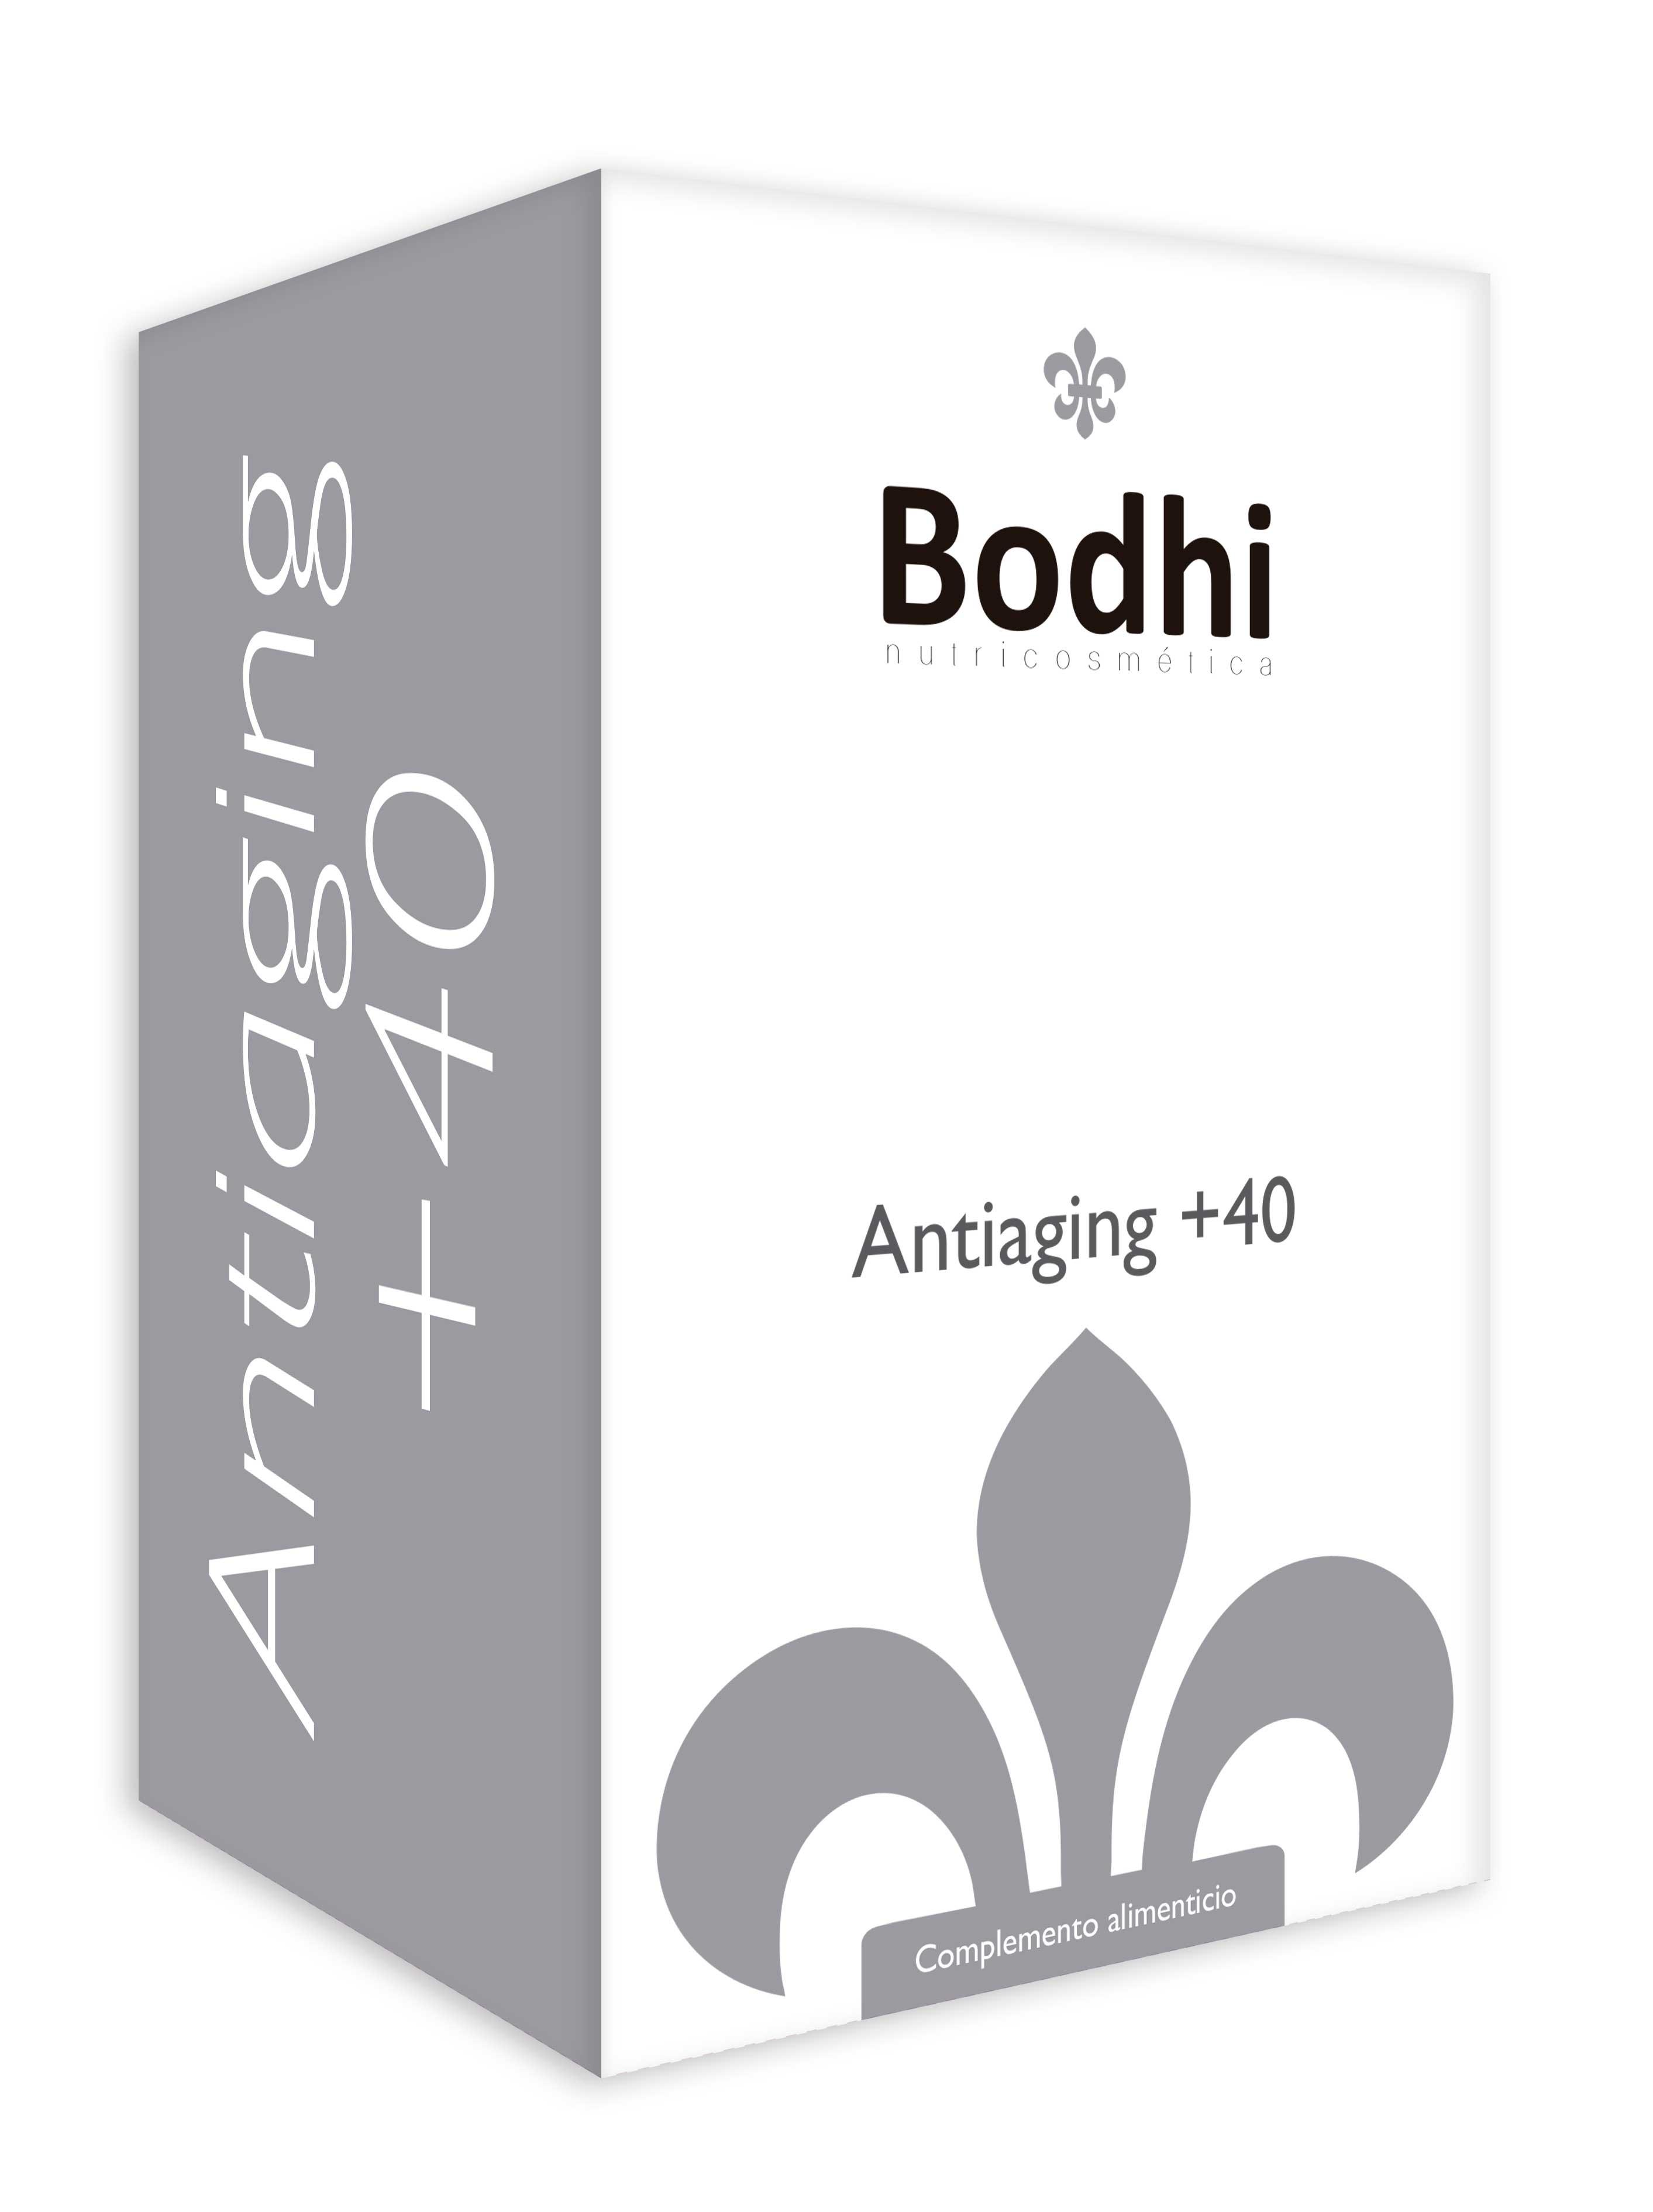 Fanny centre estetica el masnou colagen antiaging +40 bodhi nutricosmetica